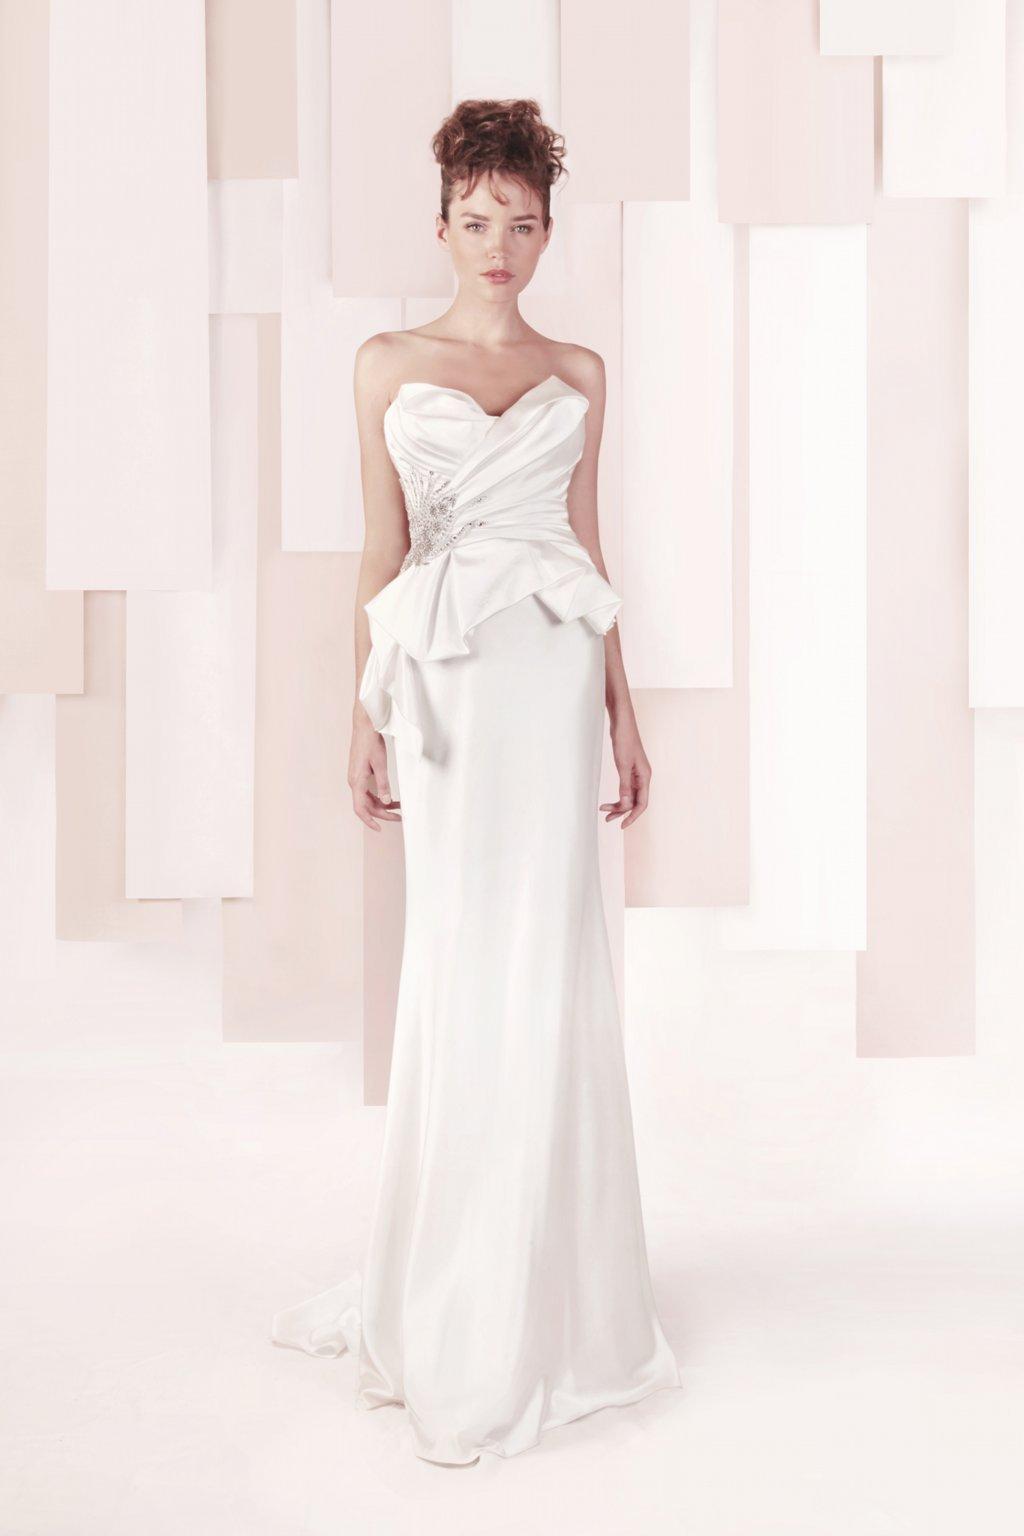 Wedding-dress-by-gemy-maalouf-2013-bridal-style-3288.full